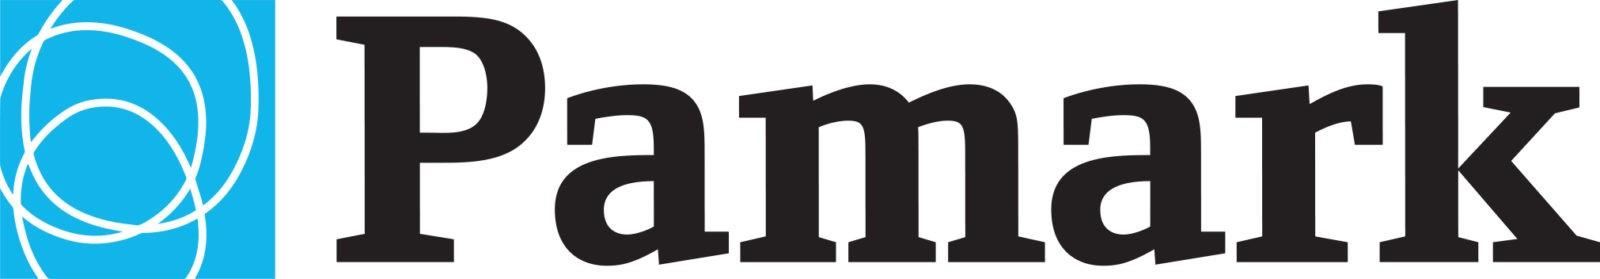 Pamark_2015_Logo_BlueBlack